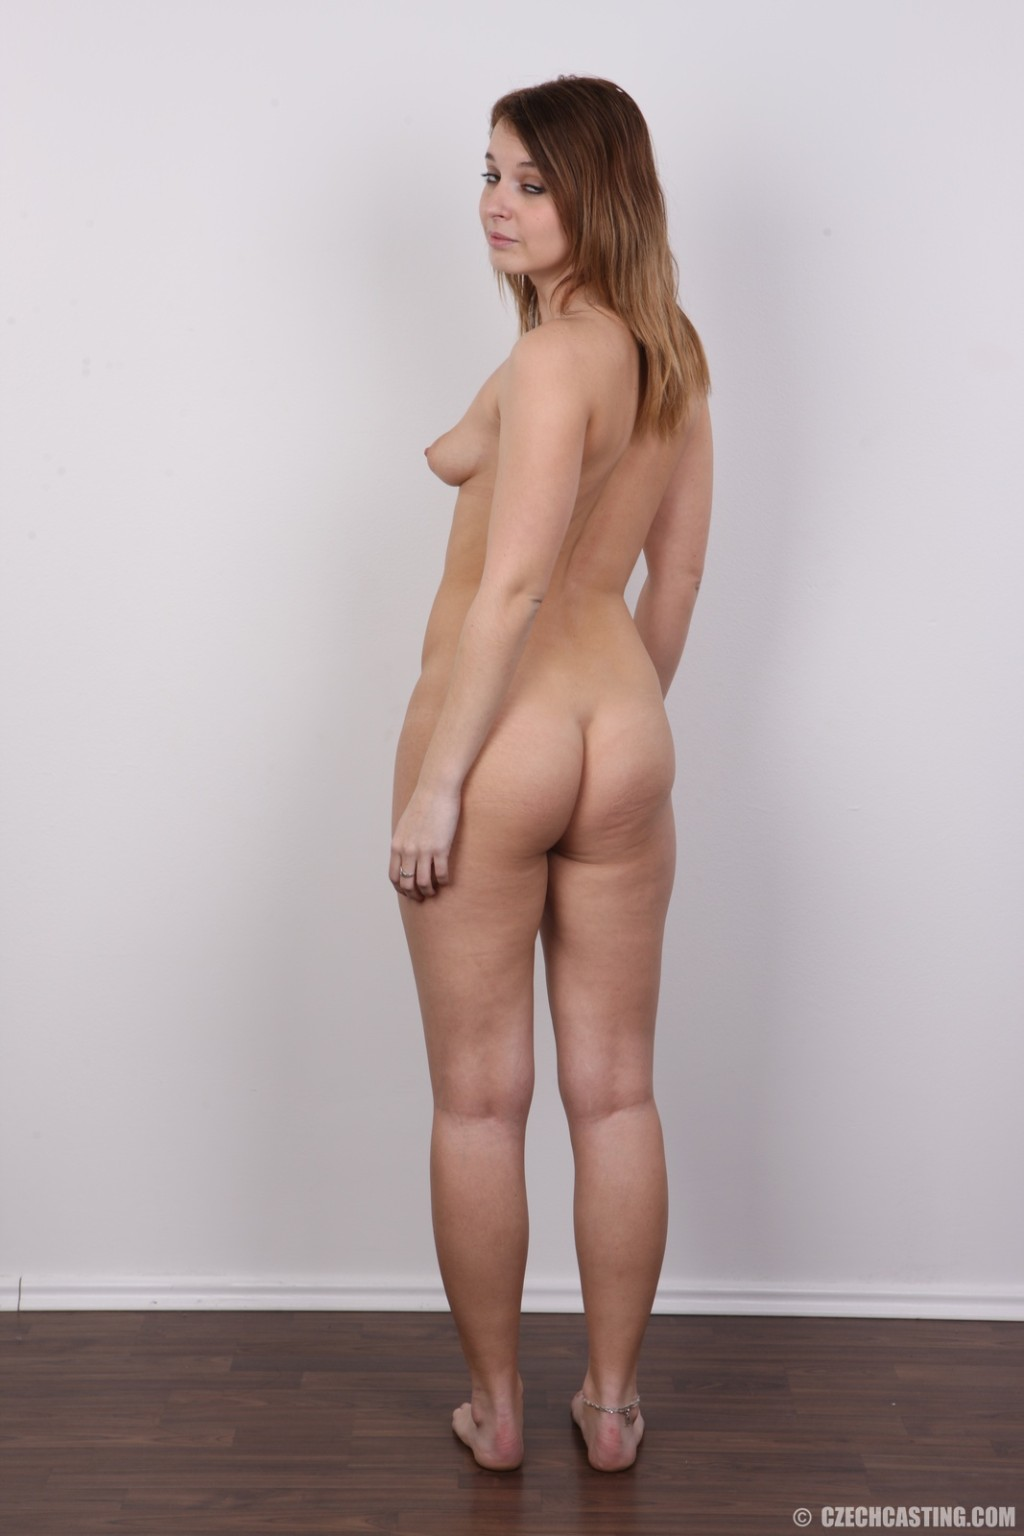 Фигуристые женщины - Галерея № 3533471